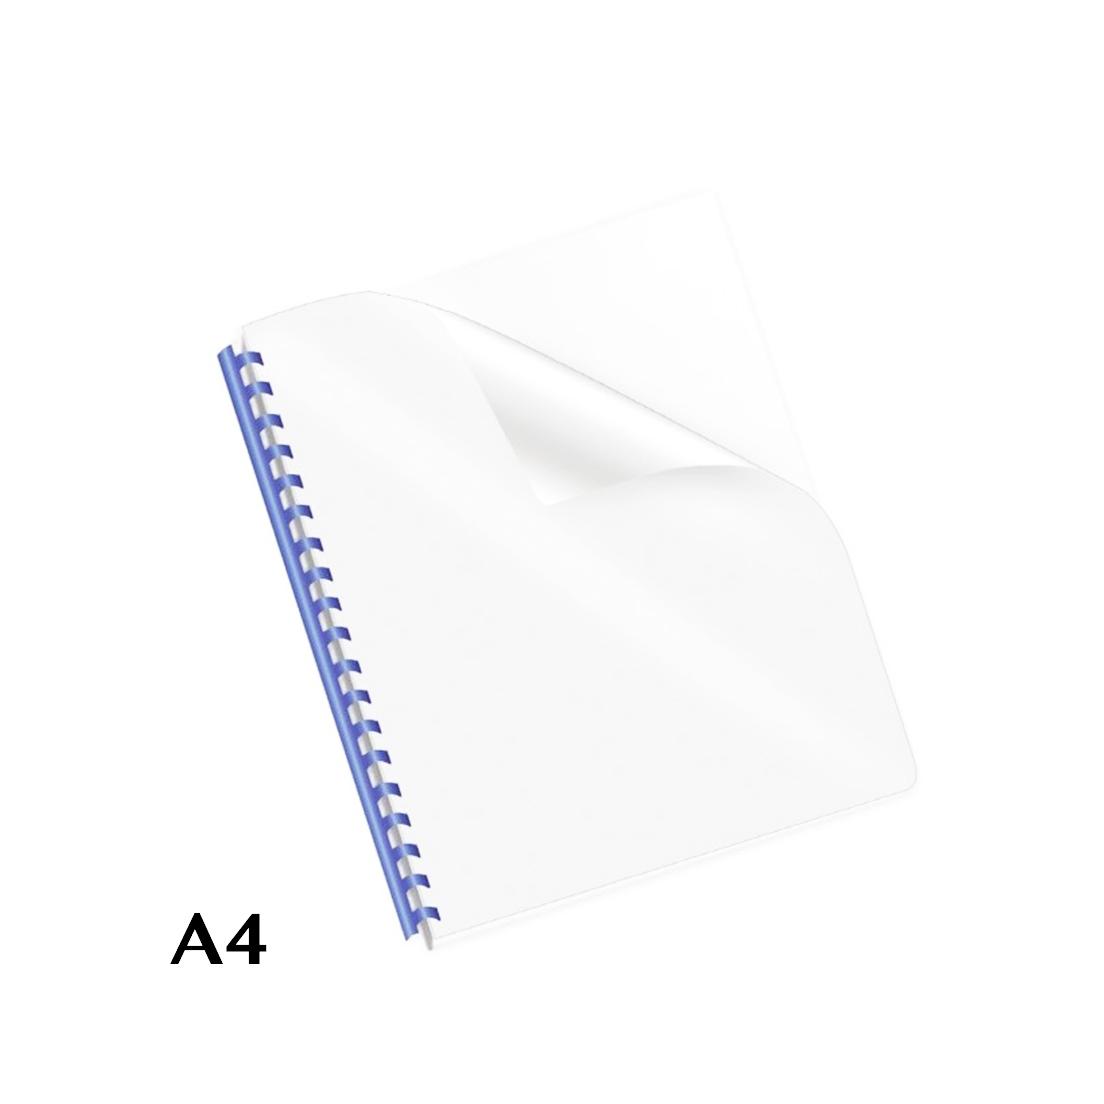 QUADRANTI IN PVC A4 18/100 100pz 18 MICRON